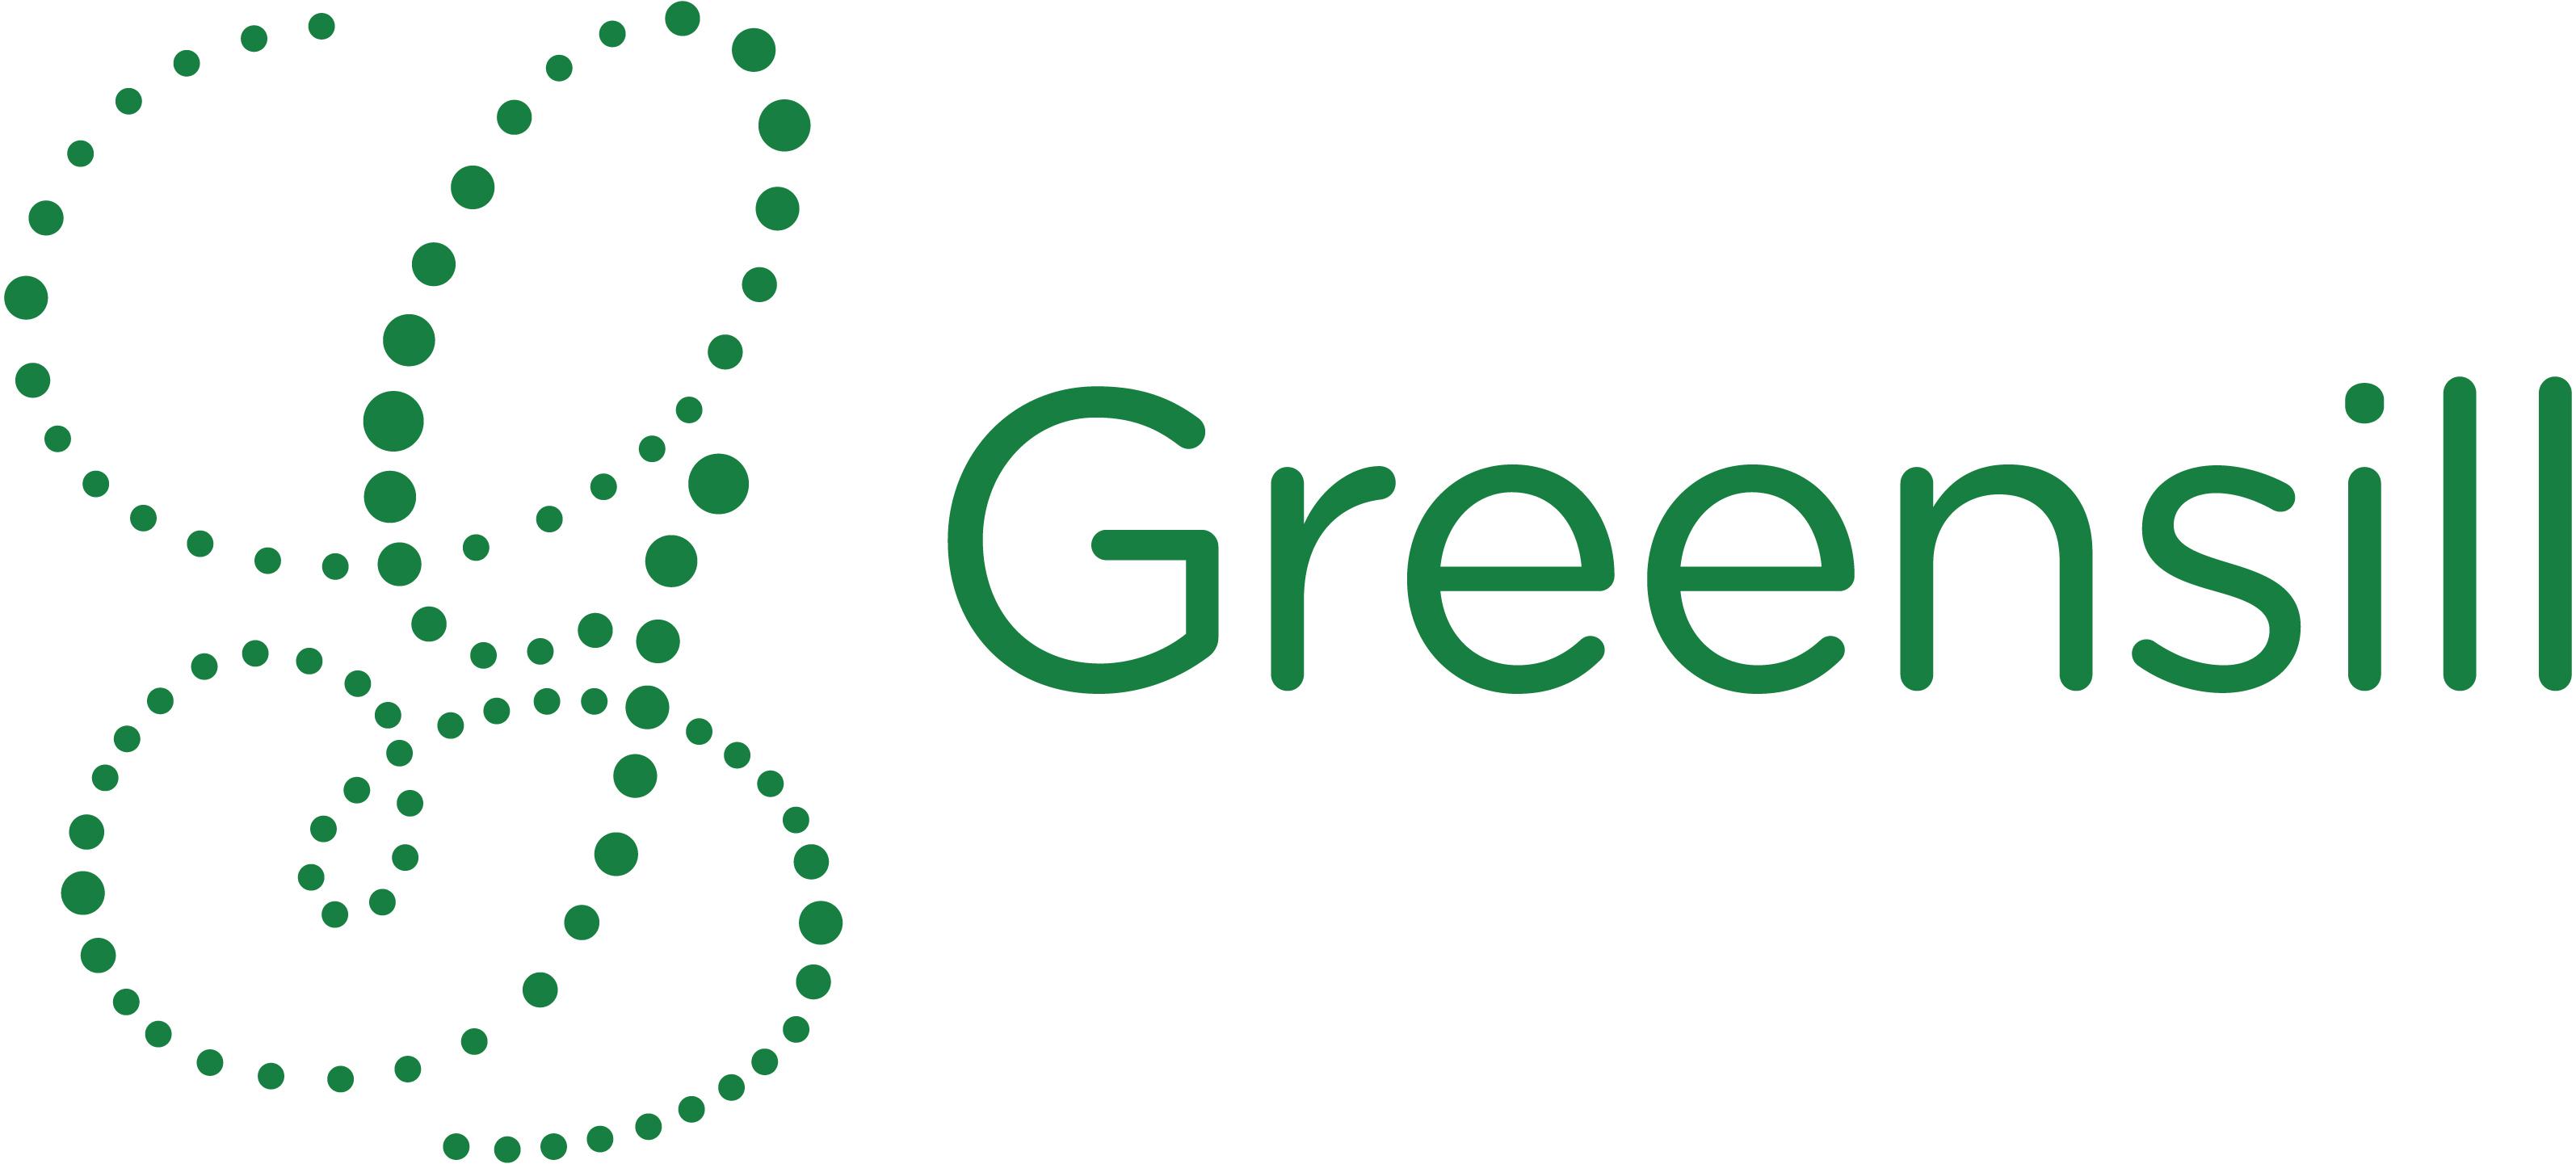 Greensill-Lockup-Greensill_Green-RGB